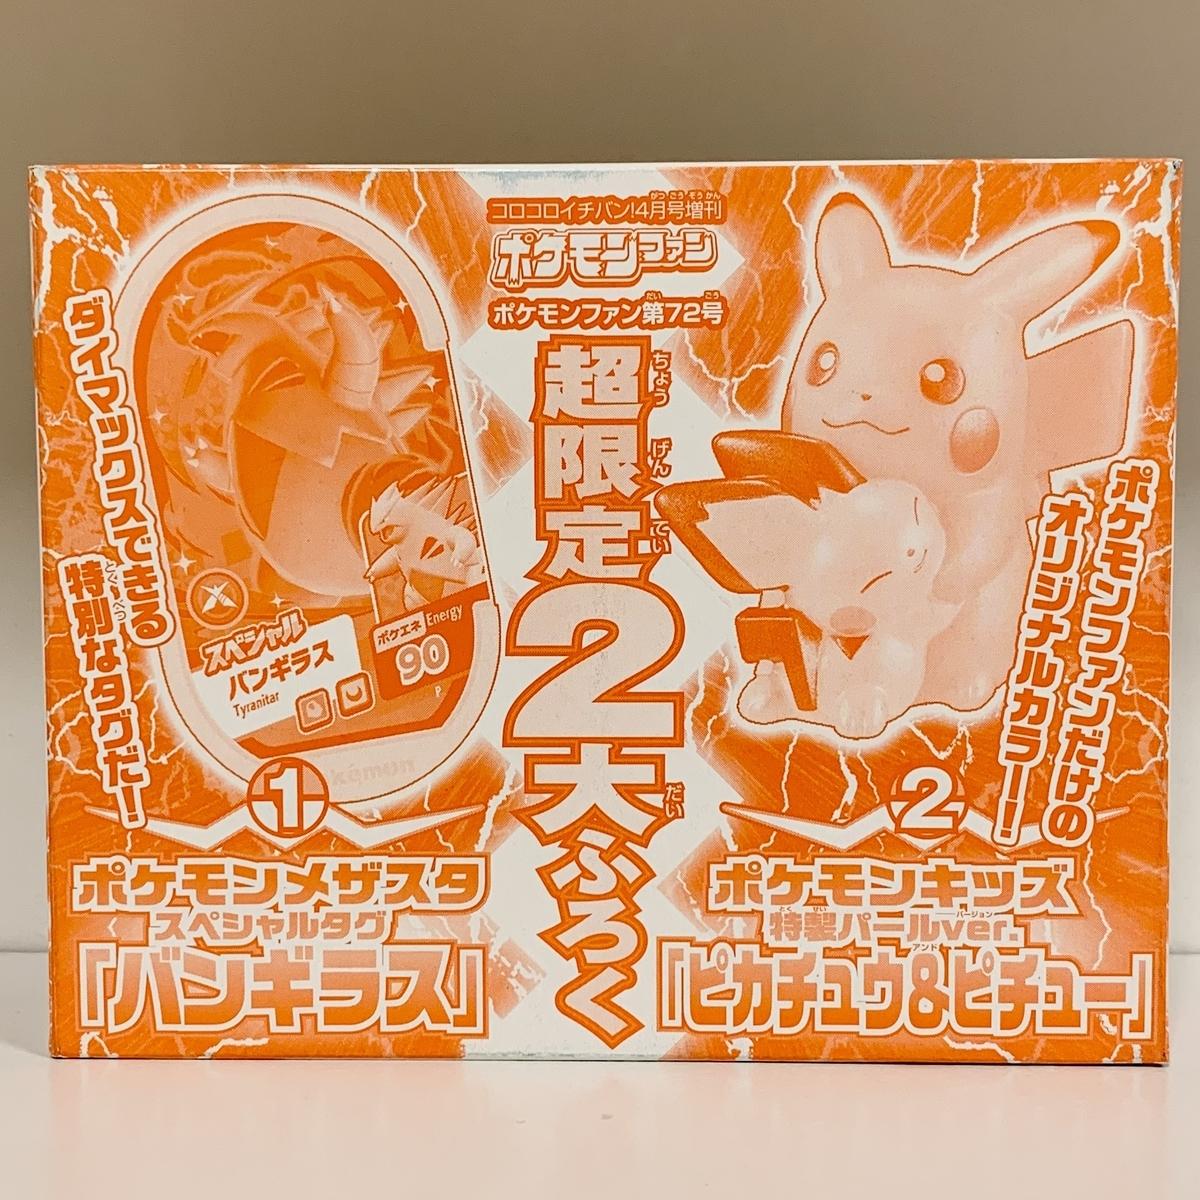 f:id:pikachu_pcn:20210228175758j:plain